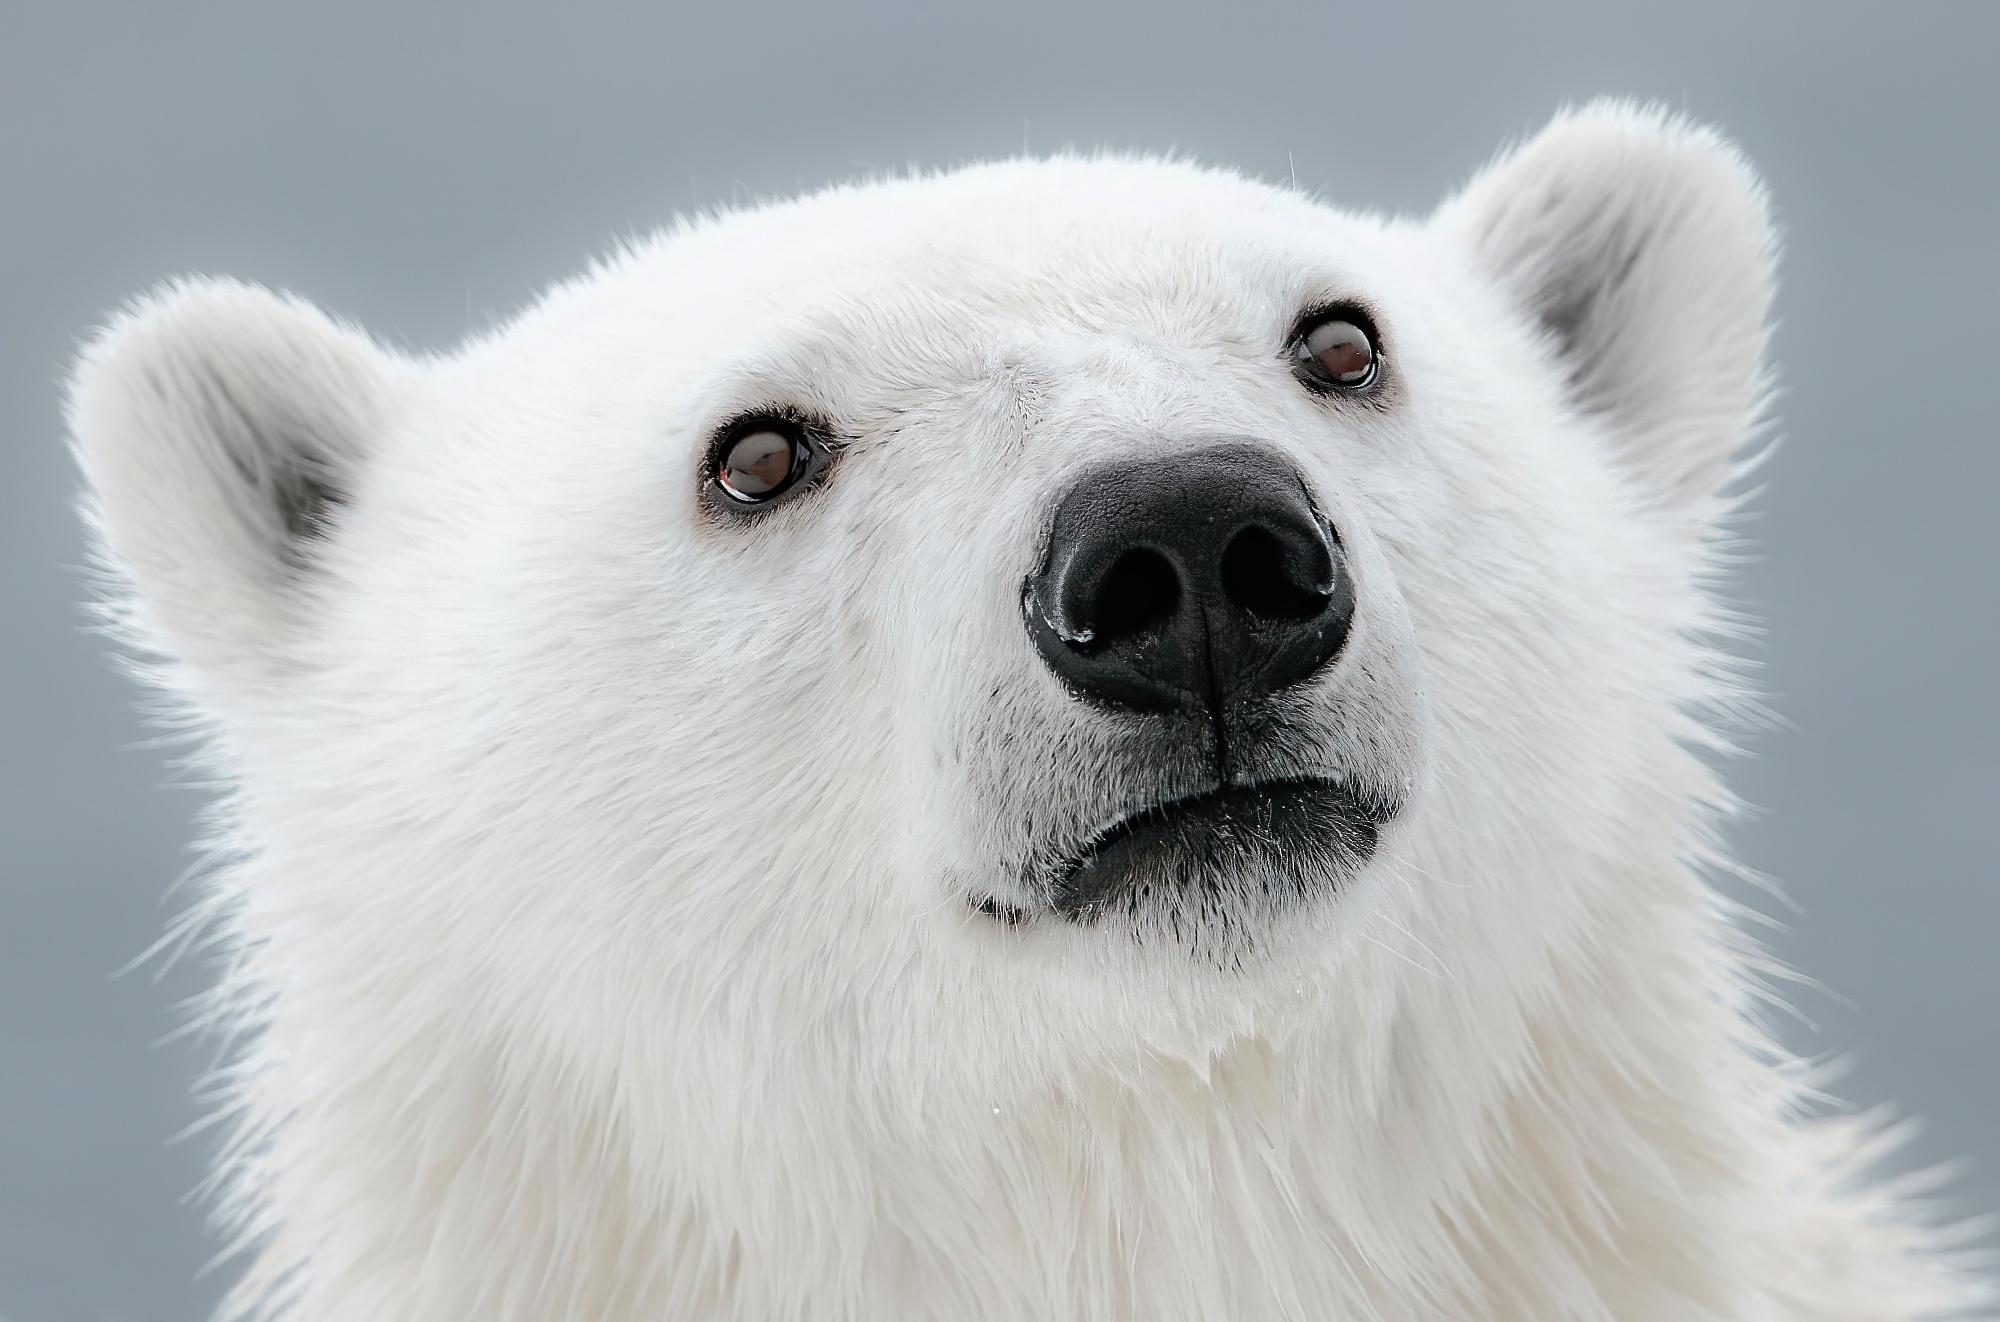 Arctic Wanderers: 22 incredible photos of polar bears